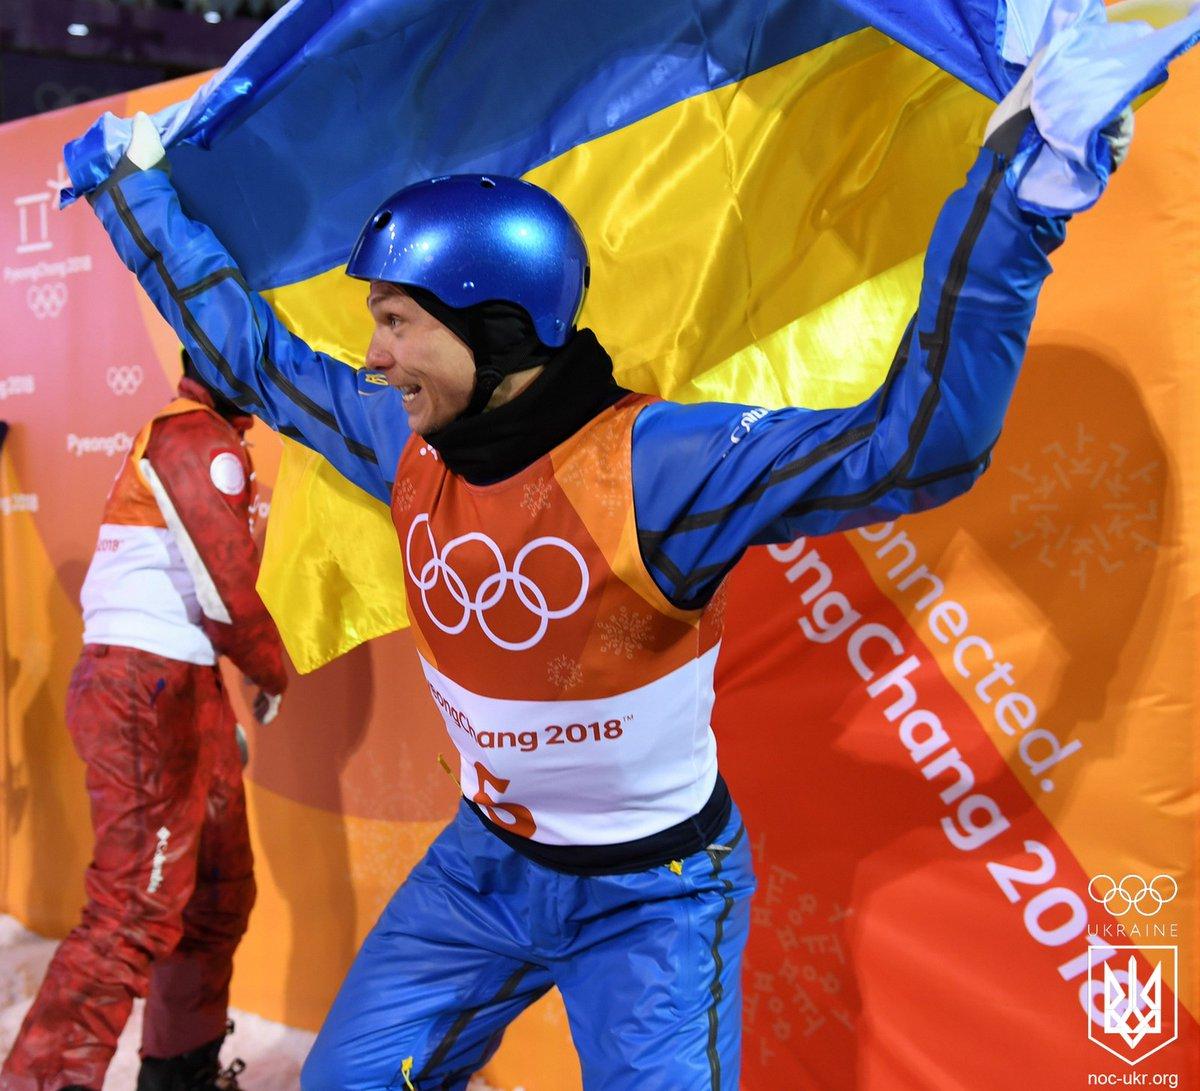 """За несколько секунд до исторической для Украины победы: опубликованы кадры фантастического """"золотого прыжка"""" украинца Абраменко в Пхенчхане"""